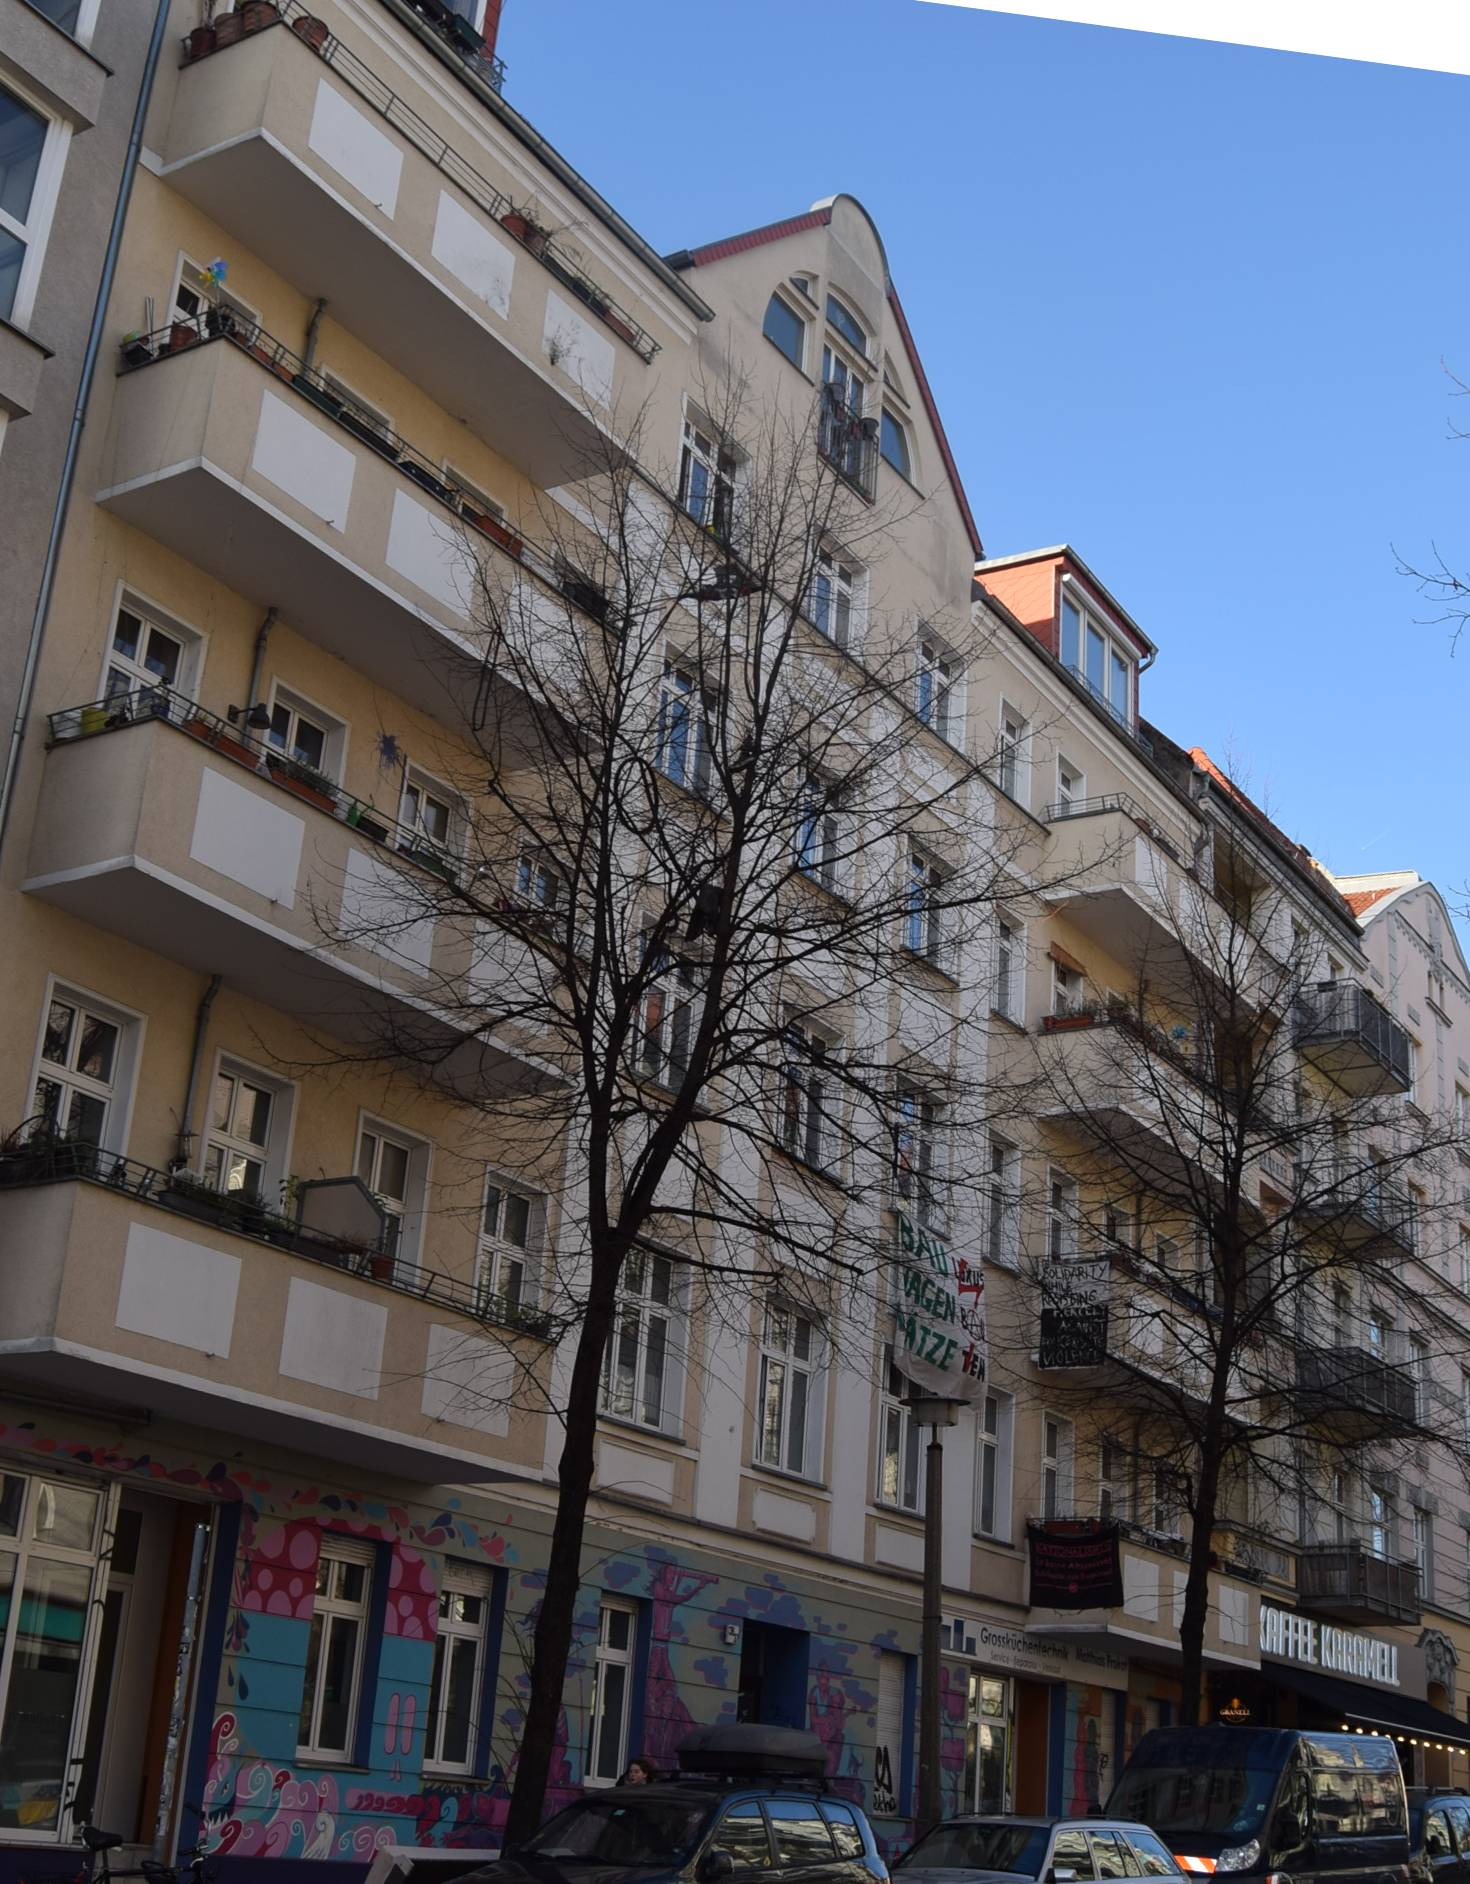 Verkauf vermietete Wohnung im Samariterviertel Berlin